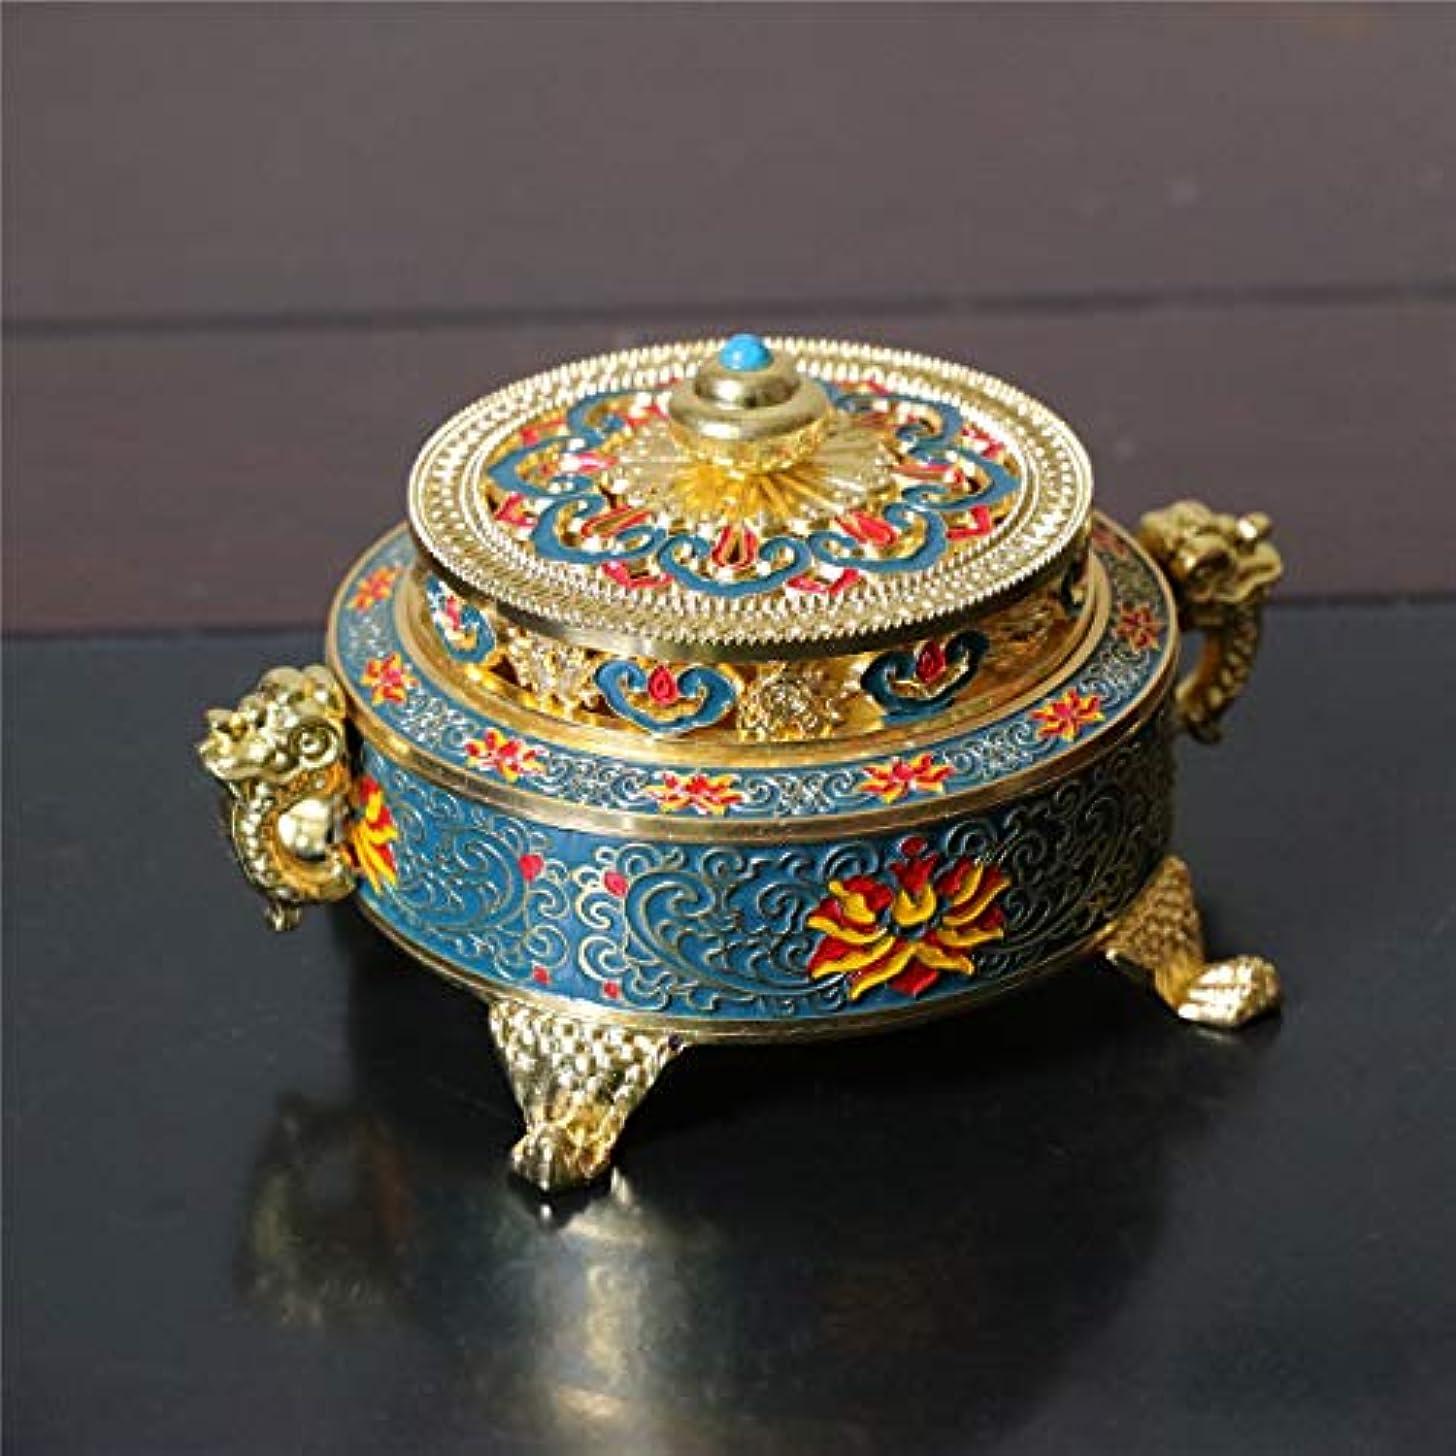 よりベッツィトロットウッド熟達したPHILOGOD 香炉 美しく印刷渦巻き線香 香立て 仏壇用 香皿 (Blue Enamel)